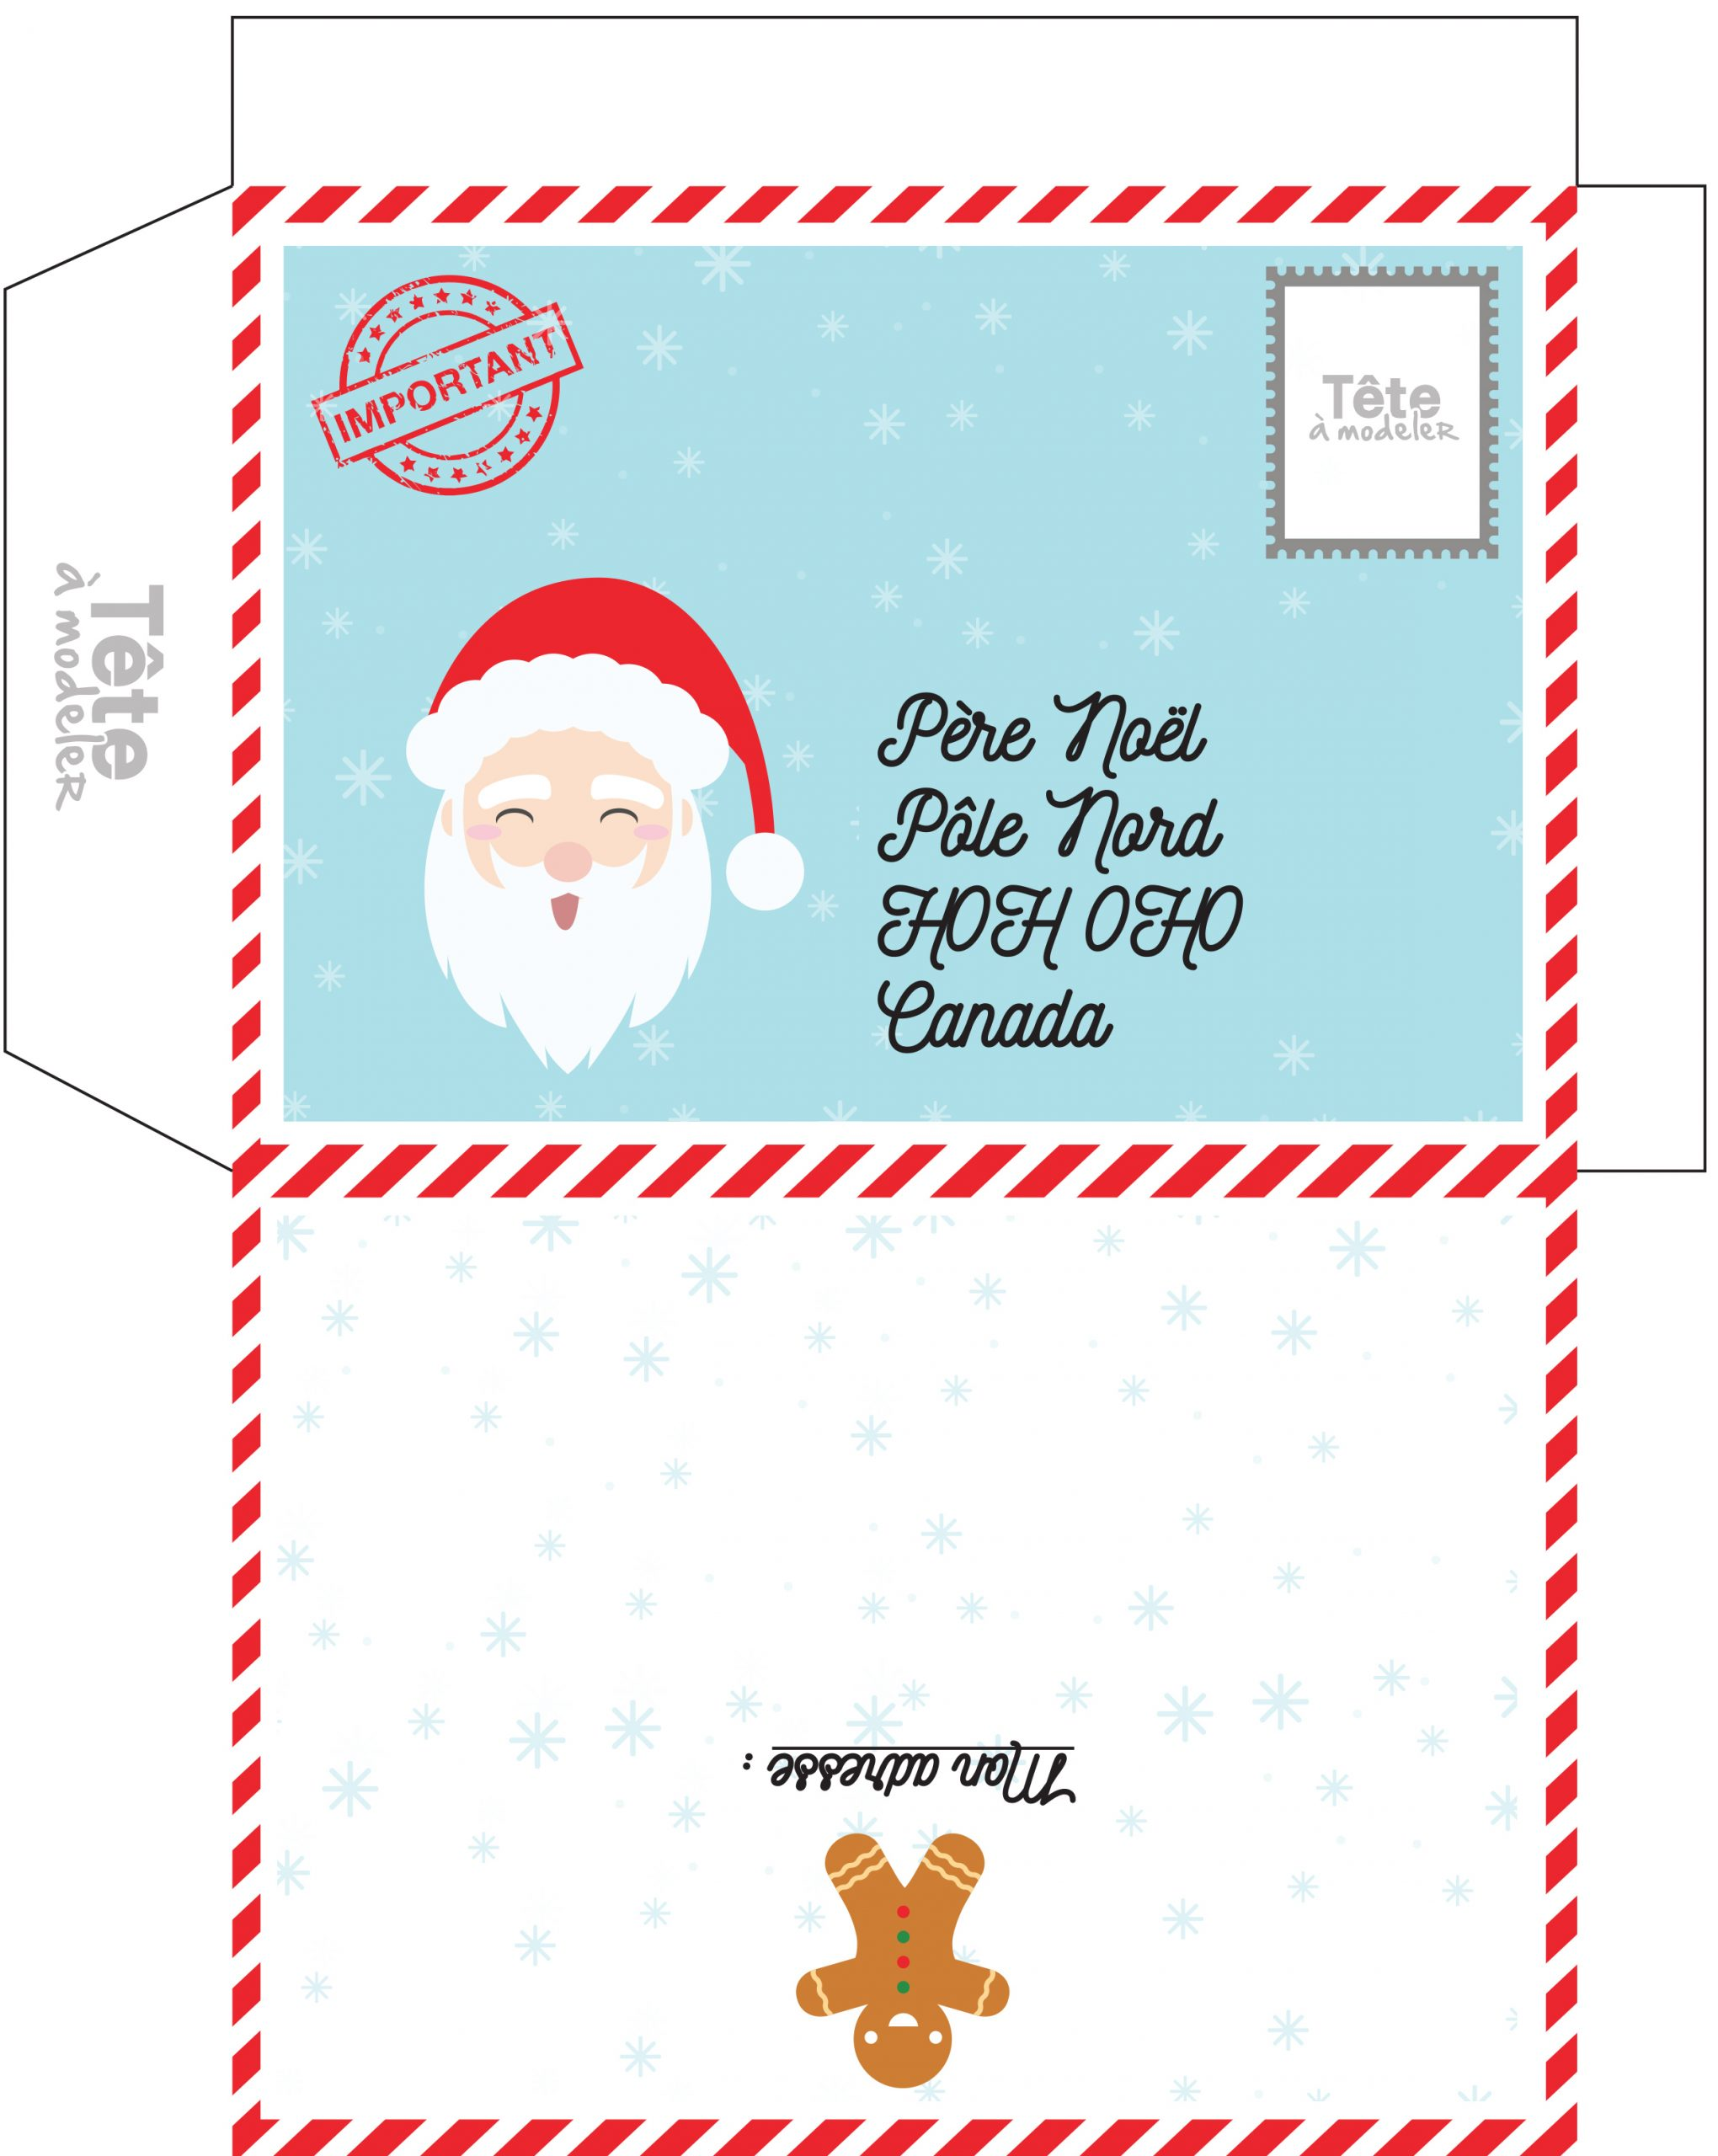 Enveloppe De Noël À Imprimer Pour Le Canada à Pere Noel A Imprimer Et A Decouper